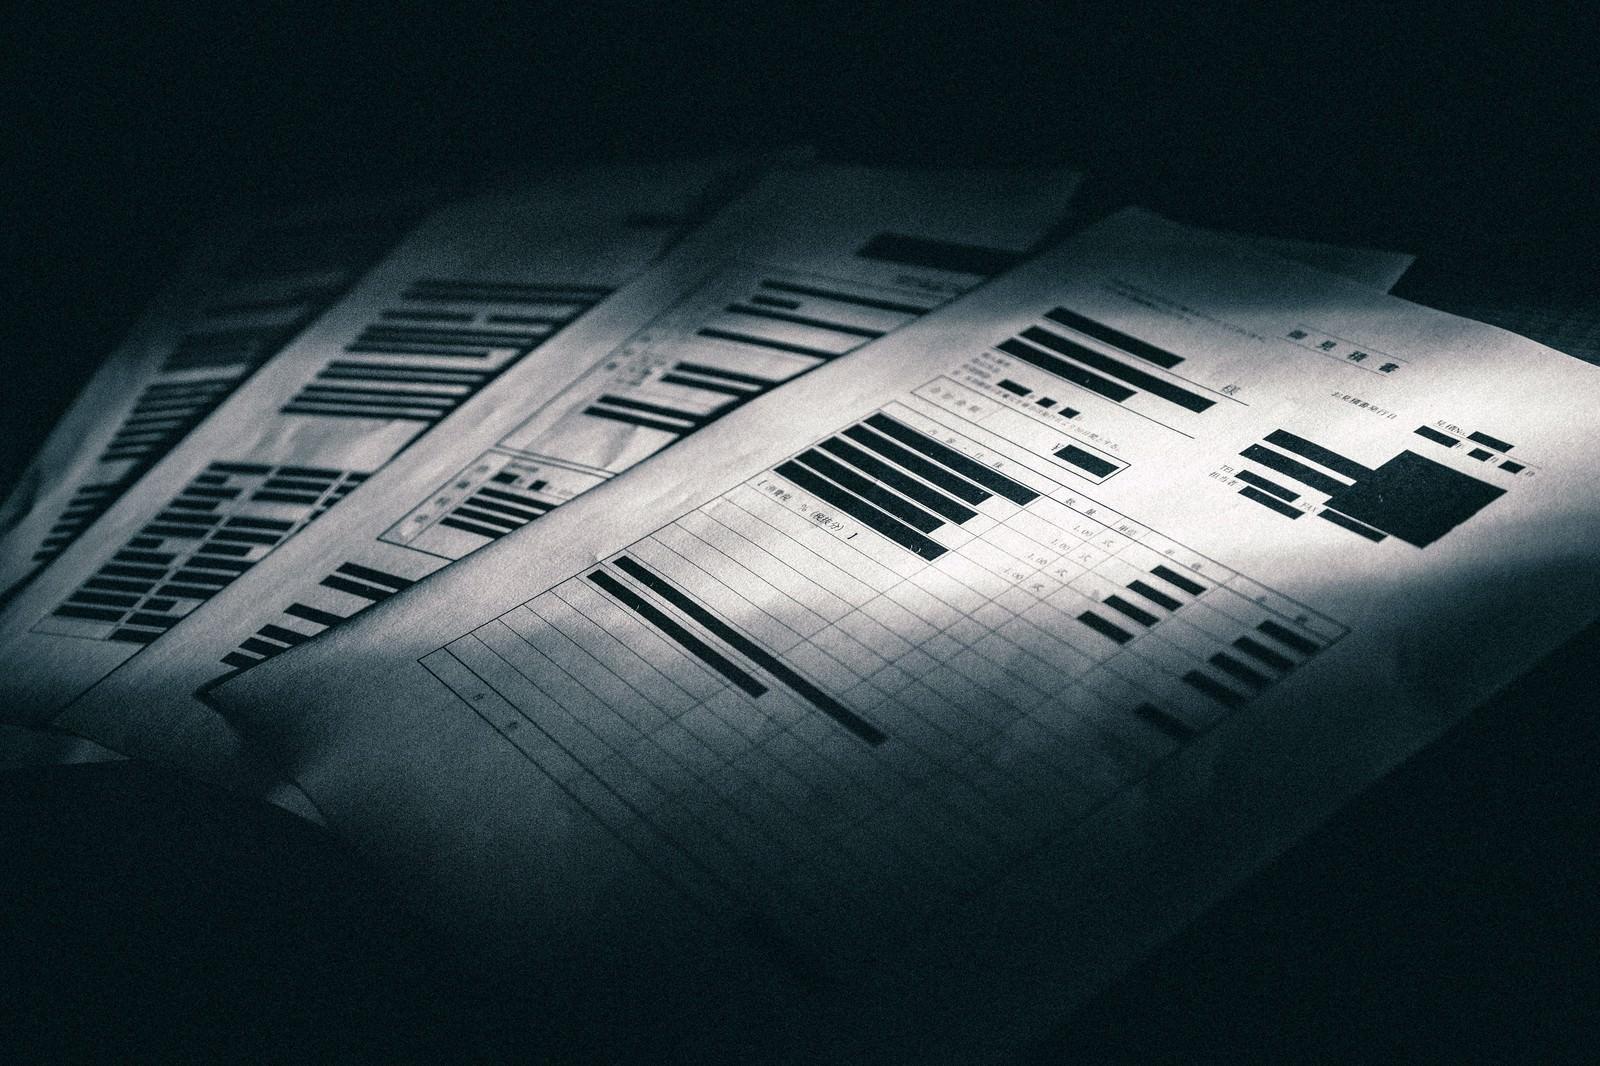 「黒塗りで隠された見積書」の写真